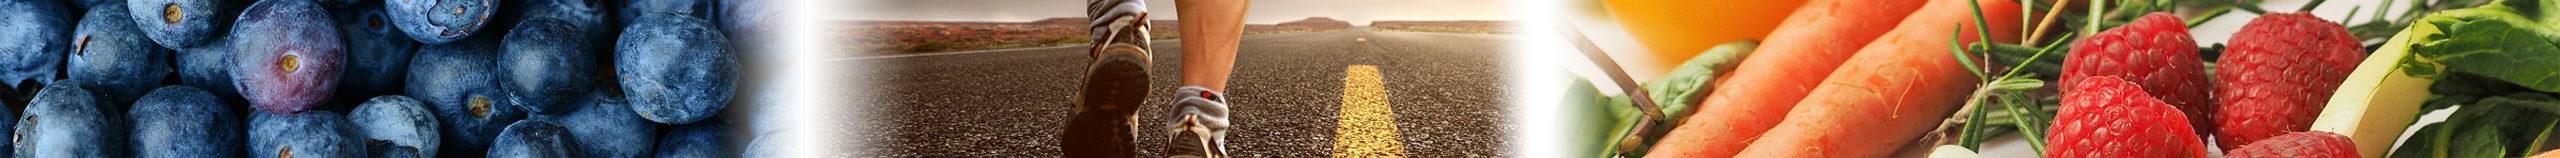 Gesundheit im Leben – Sport, Ernährung, Superfoods